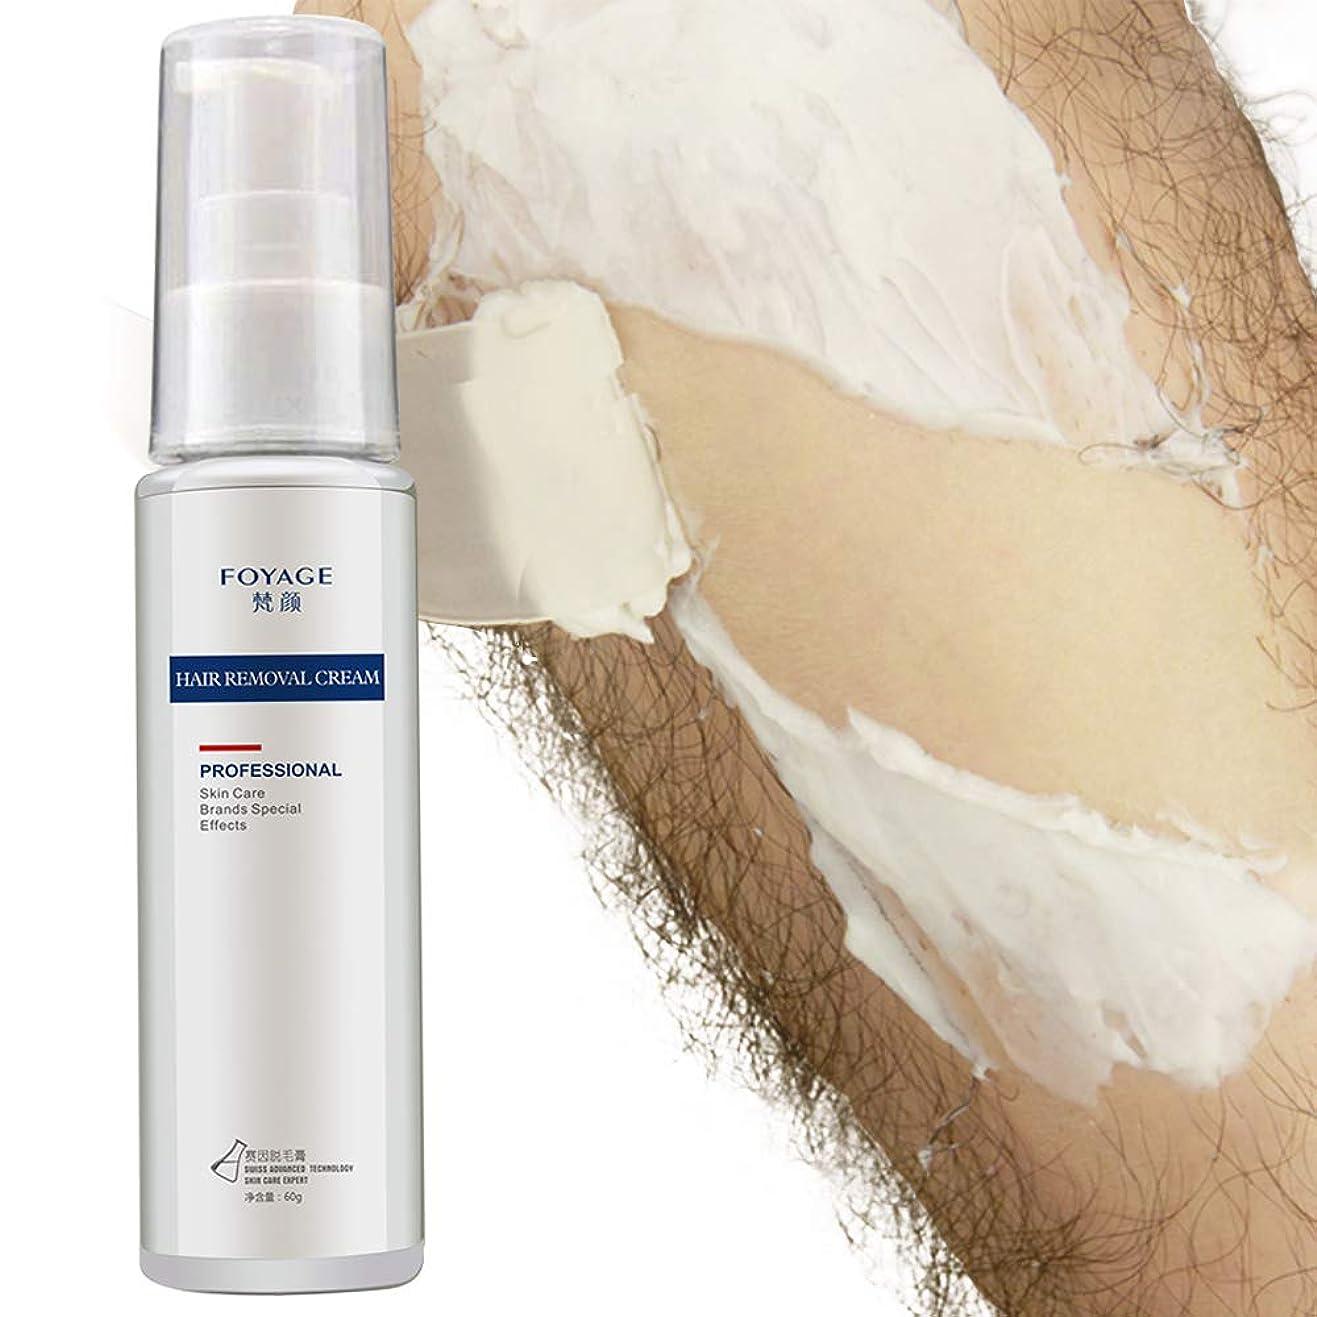 切り離すドームインスタンスFOYAGE 脱毛 クリーム60g (剛毛、脚毛、胸毛) 用 顔と陰部に使用 禁止